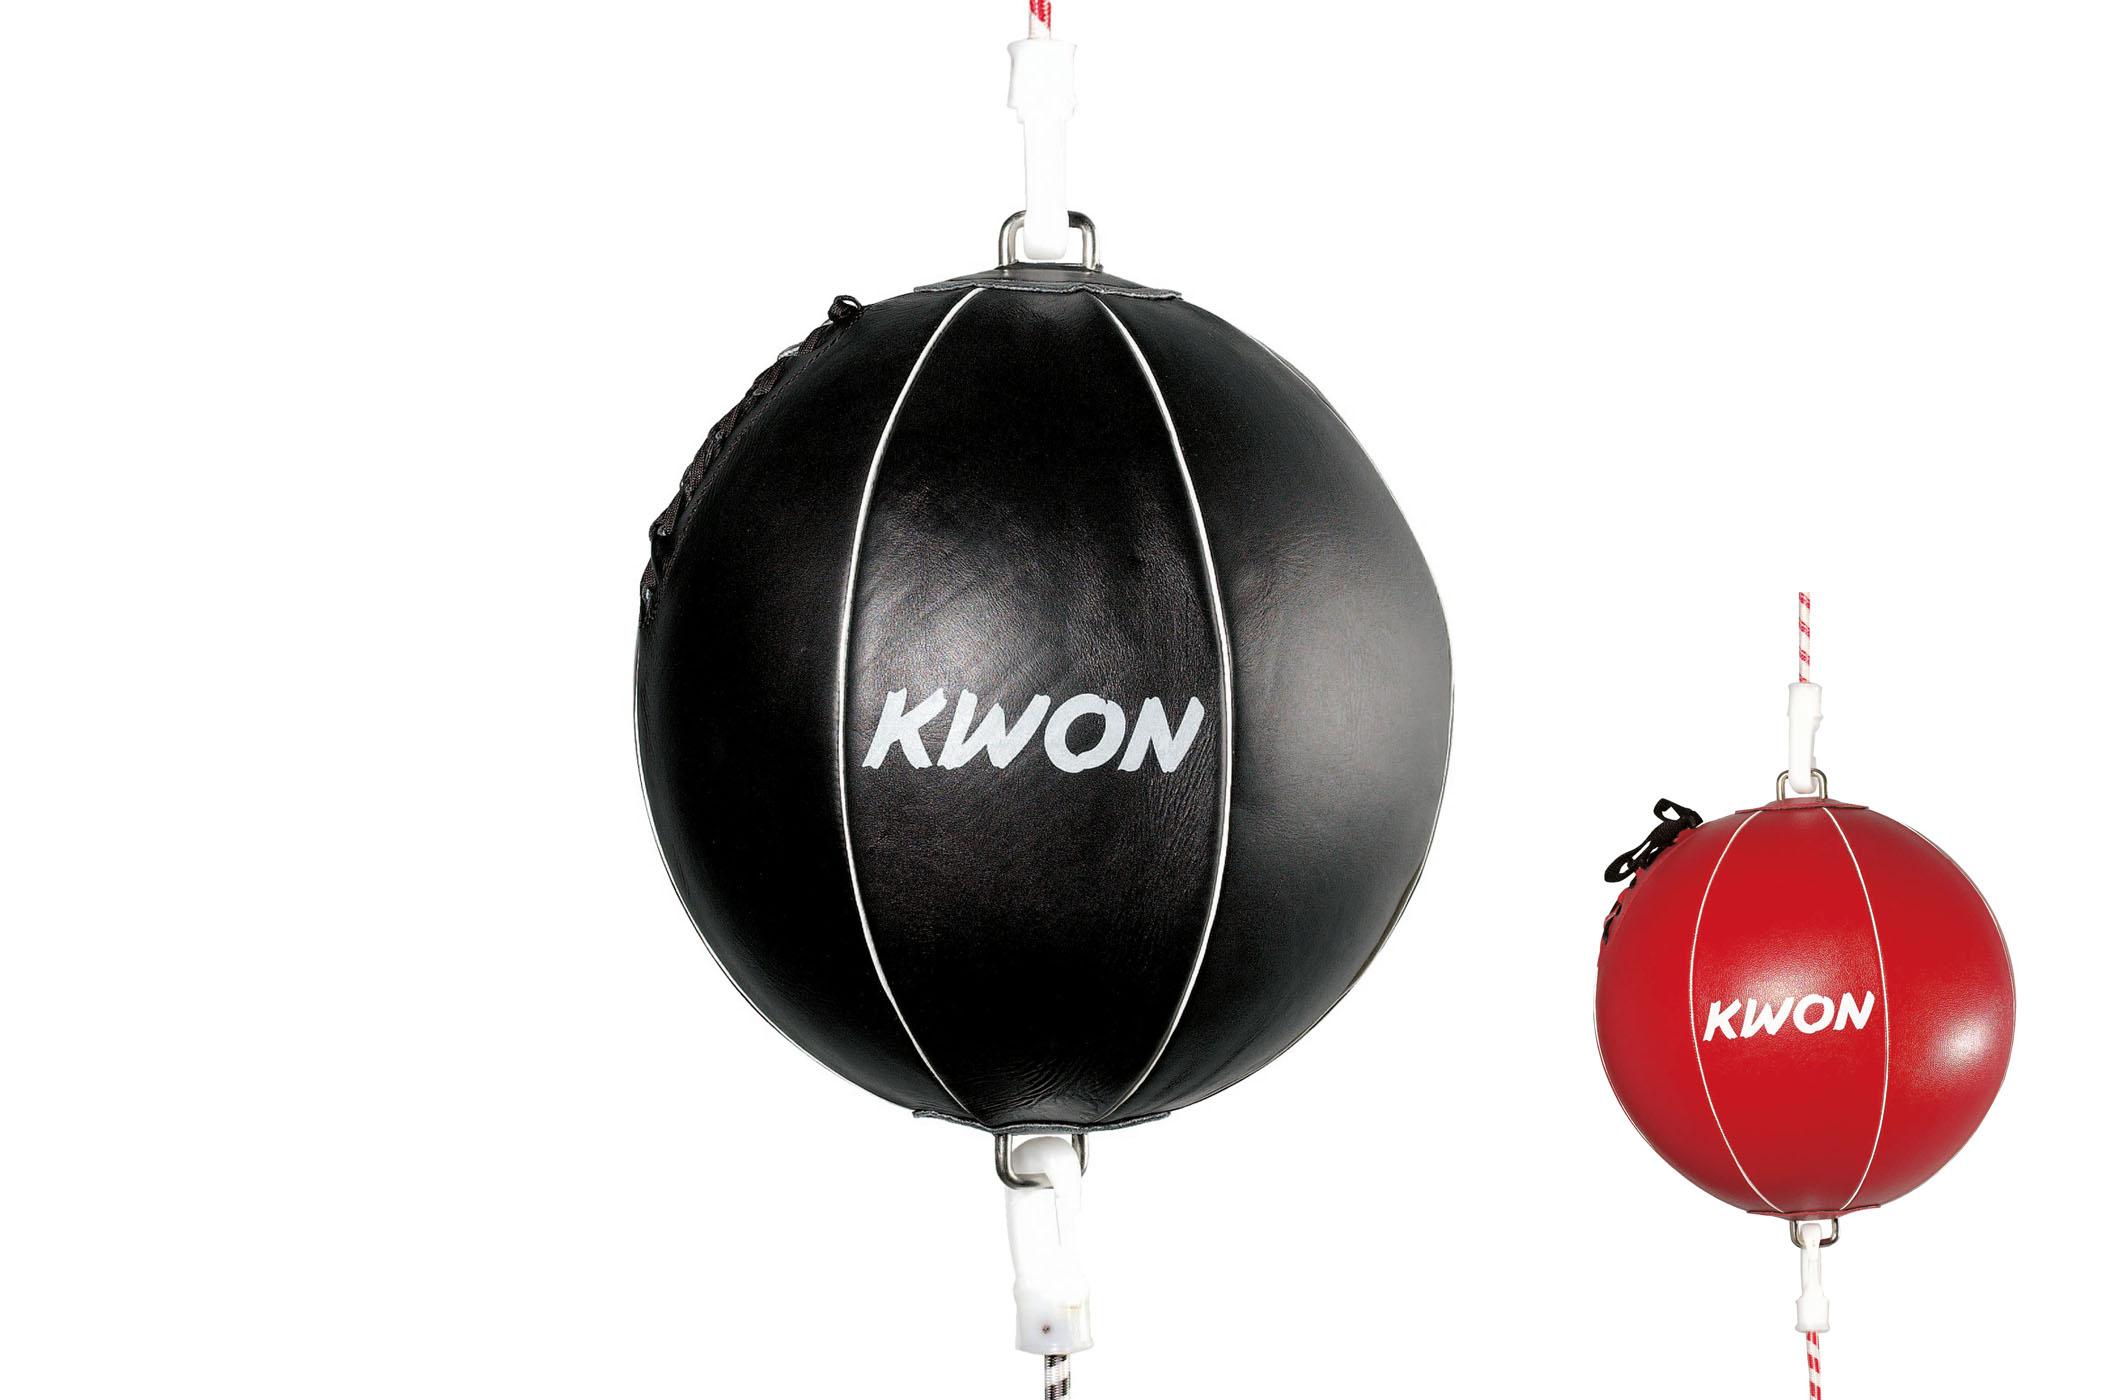 Nouveau prod Kwon